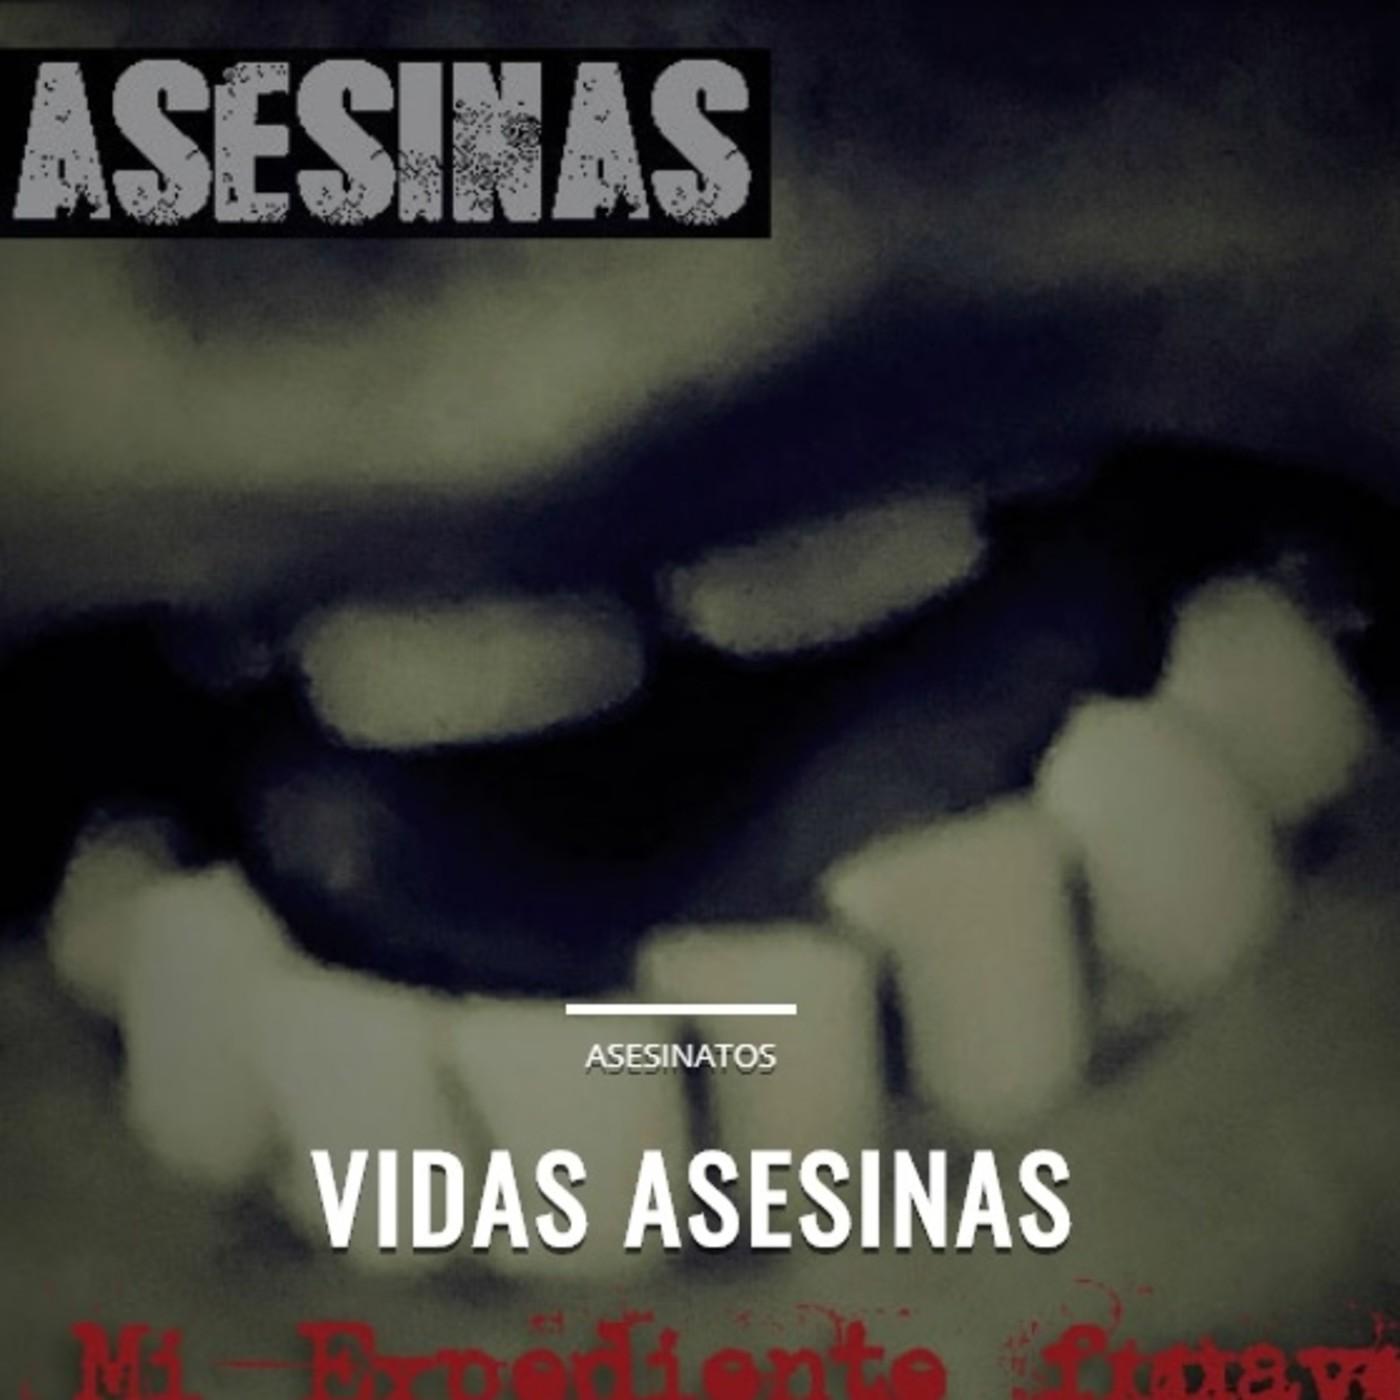 VIDAS ASESINAS